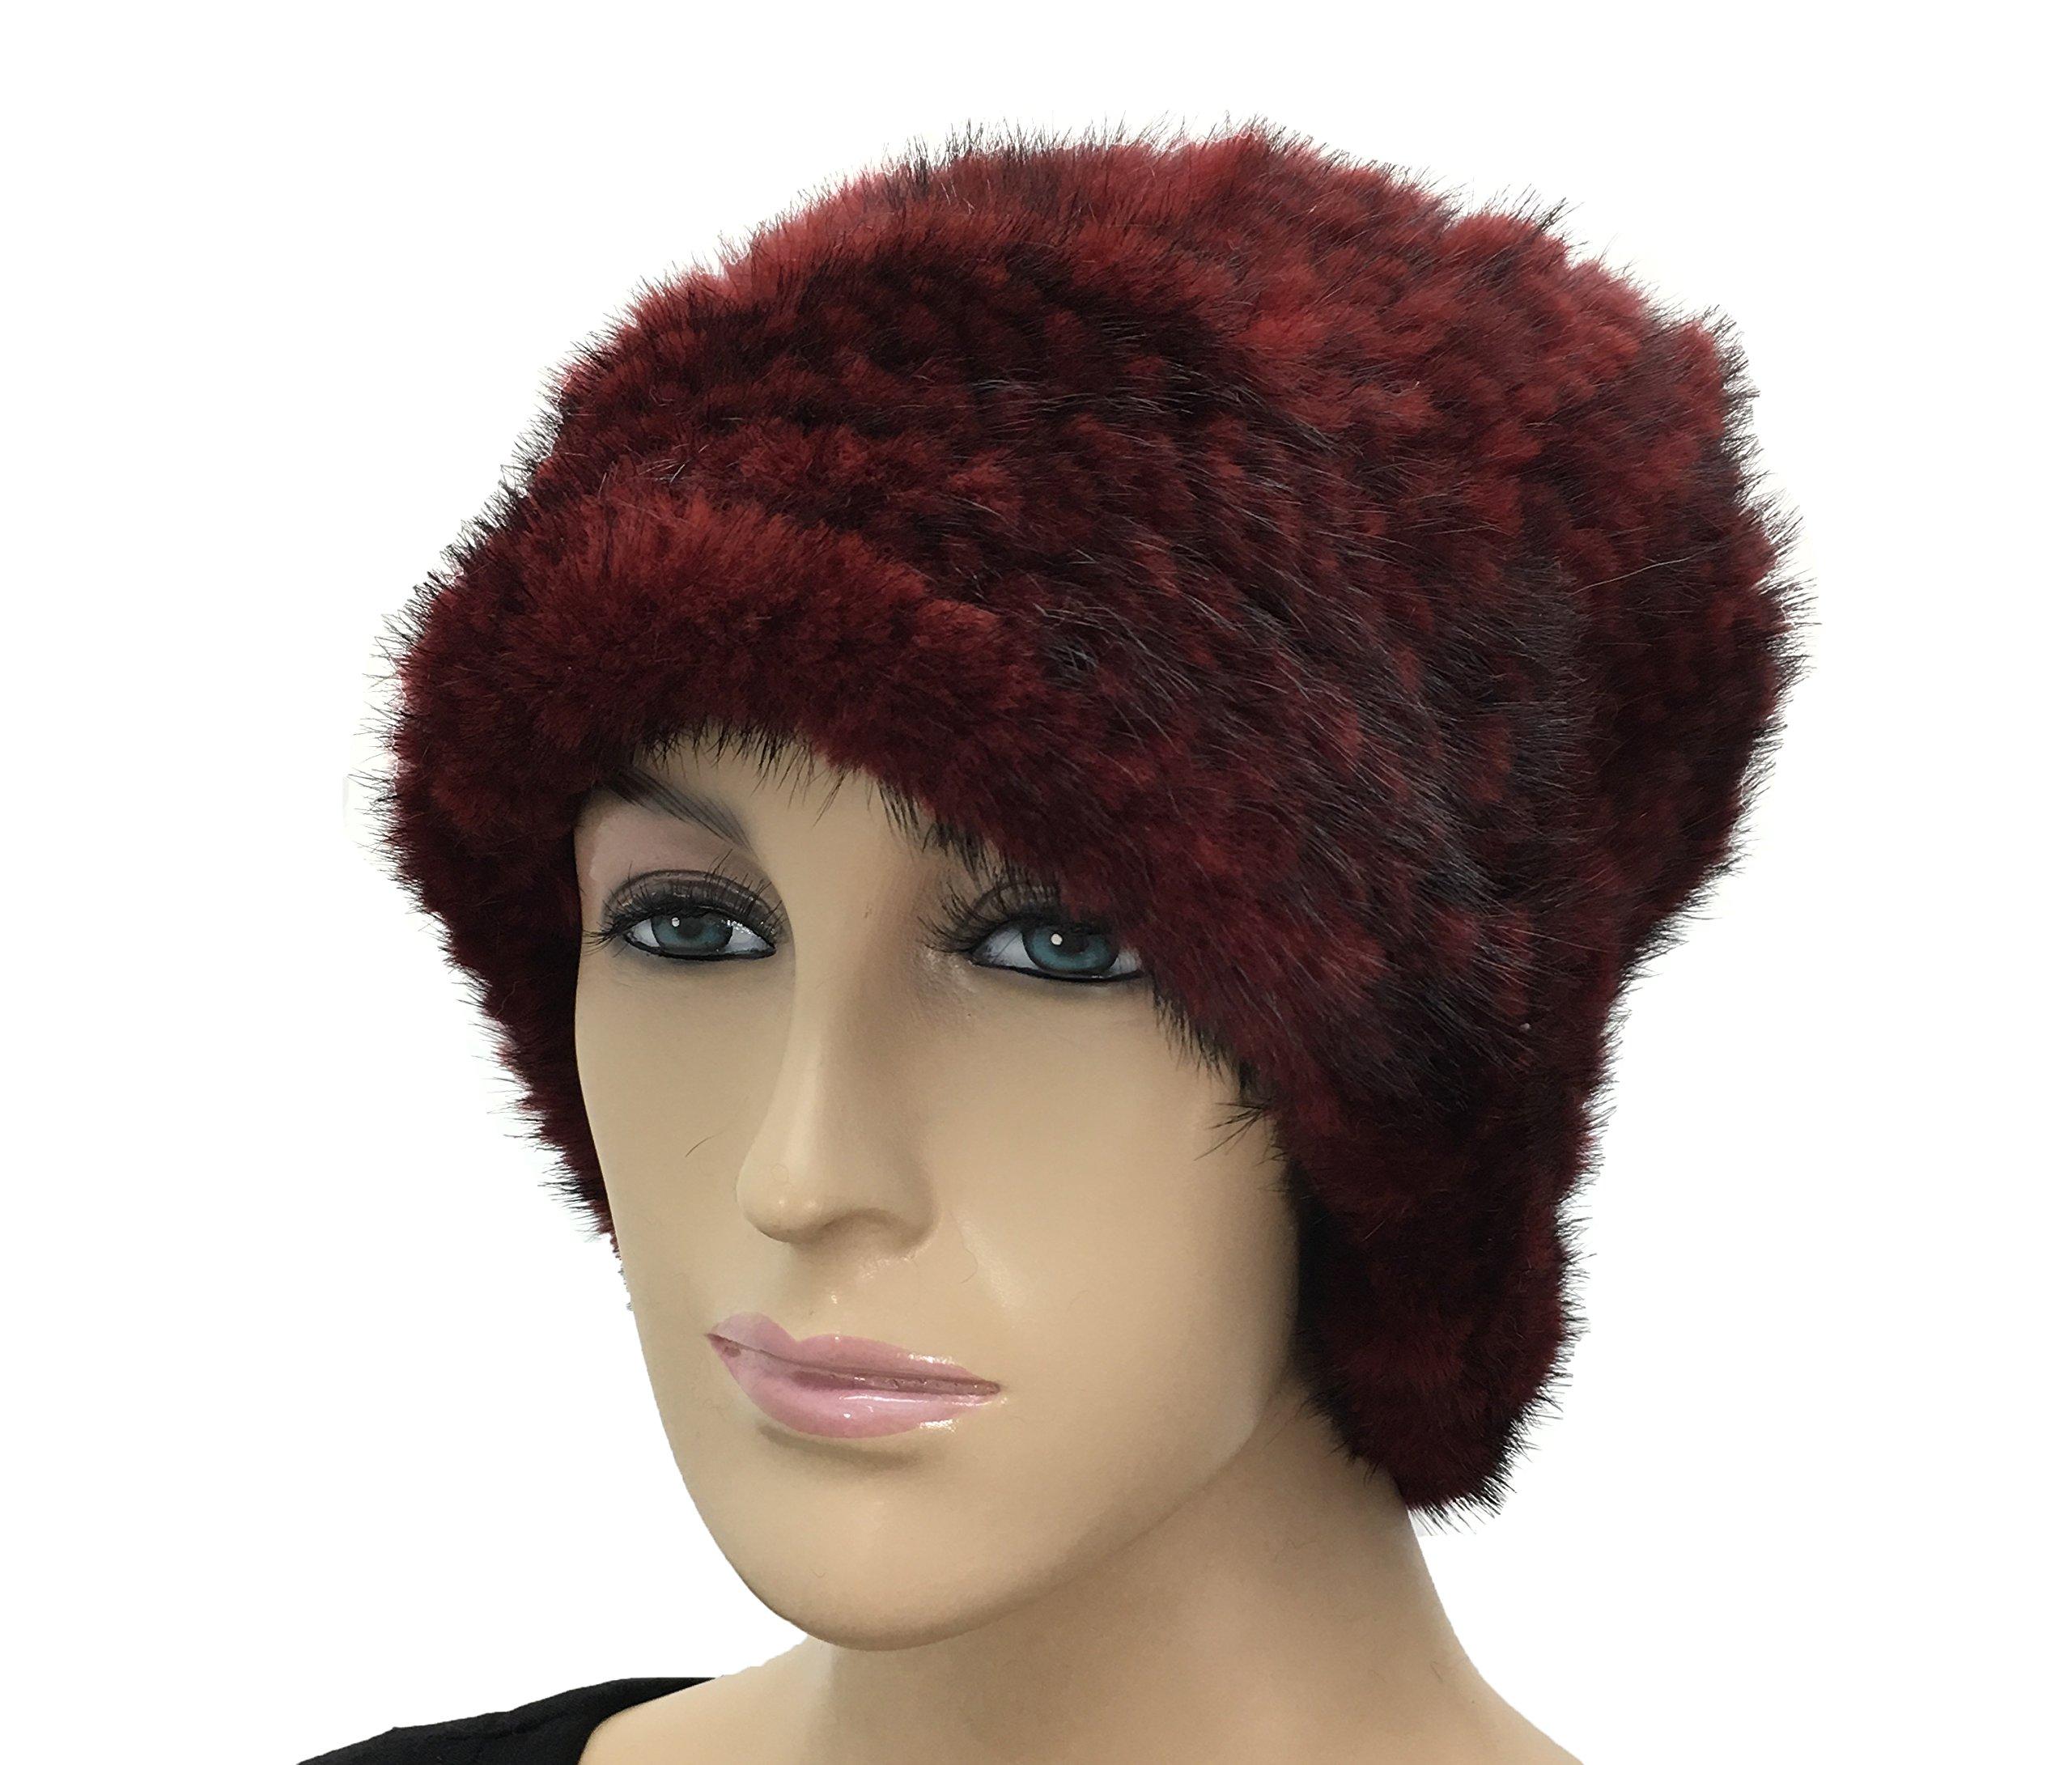 Hima Knit Mink Fur Roller Hat One Size 23'' (Burgandy)